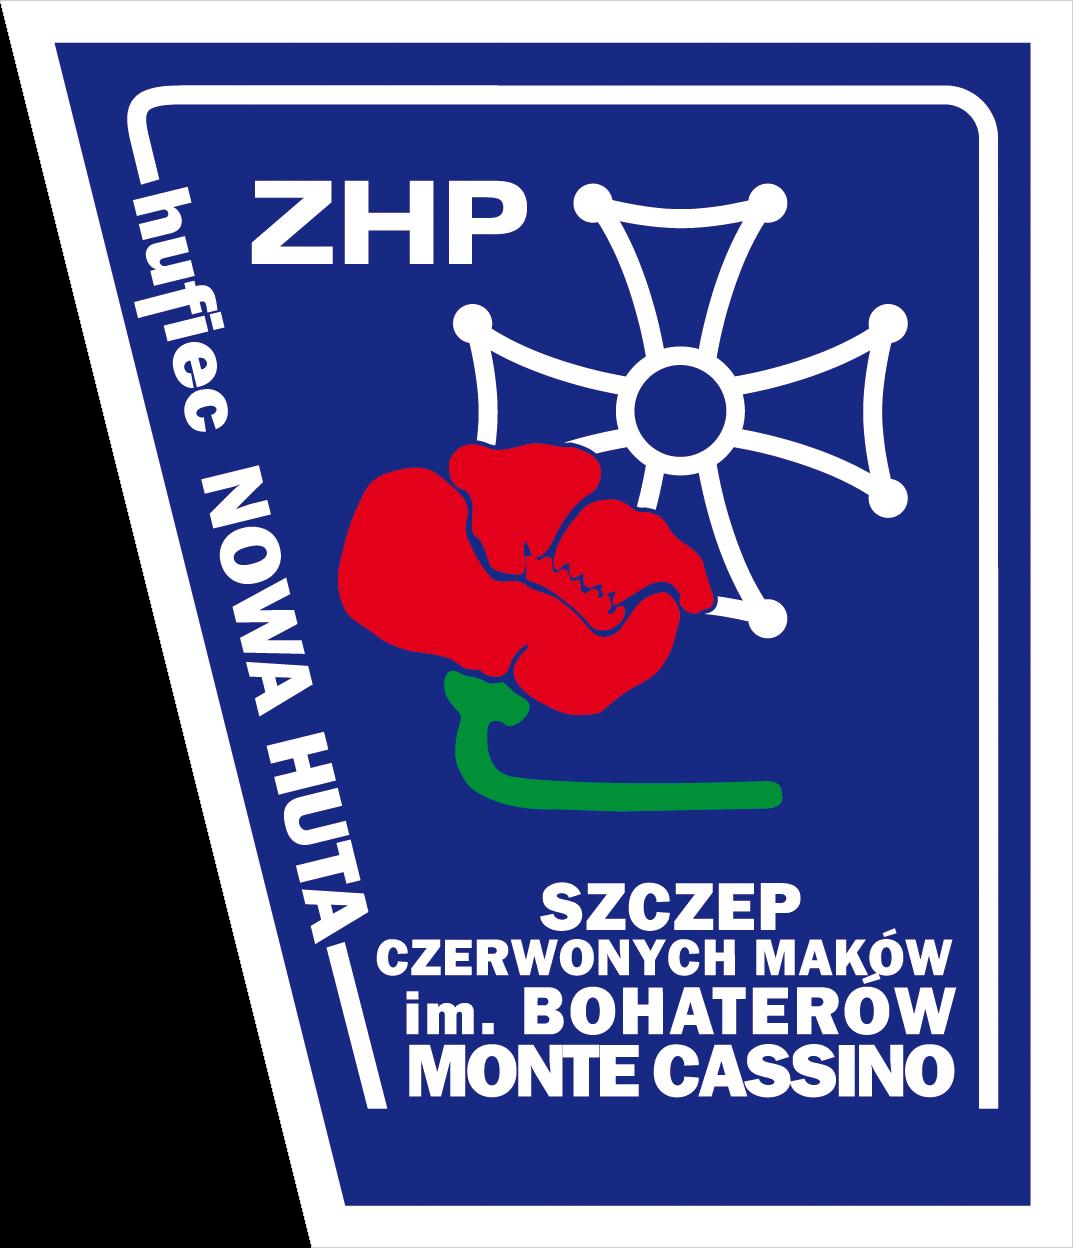 Szczep ZHP Czerwonych Maków